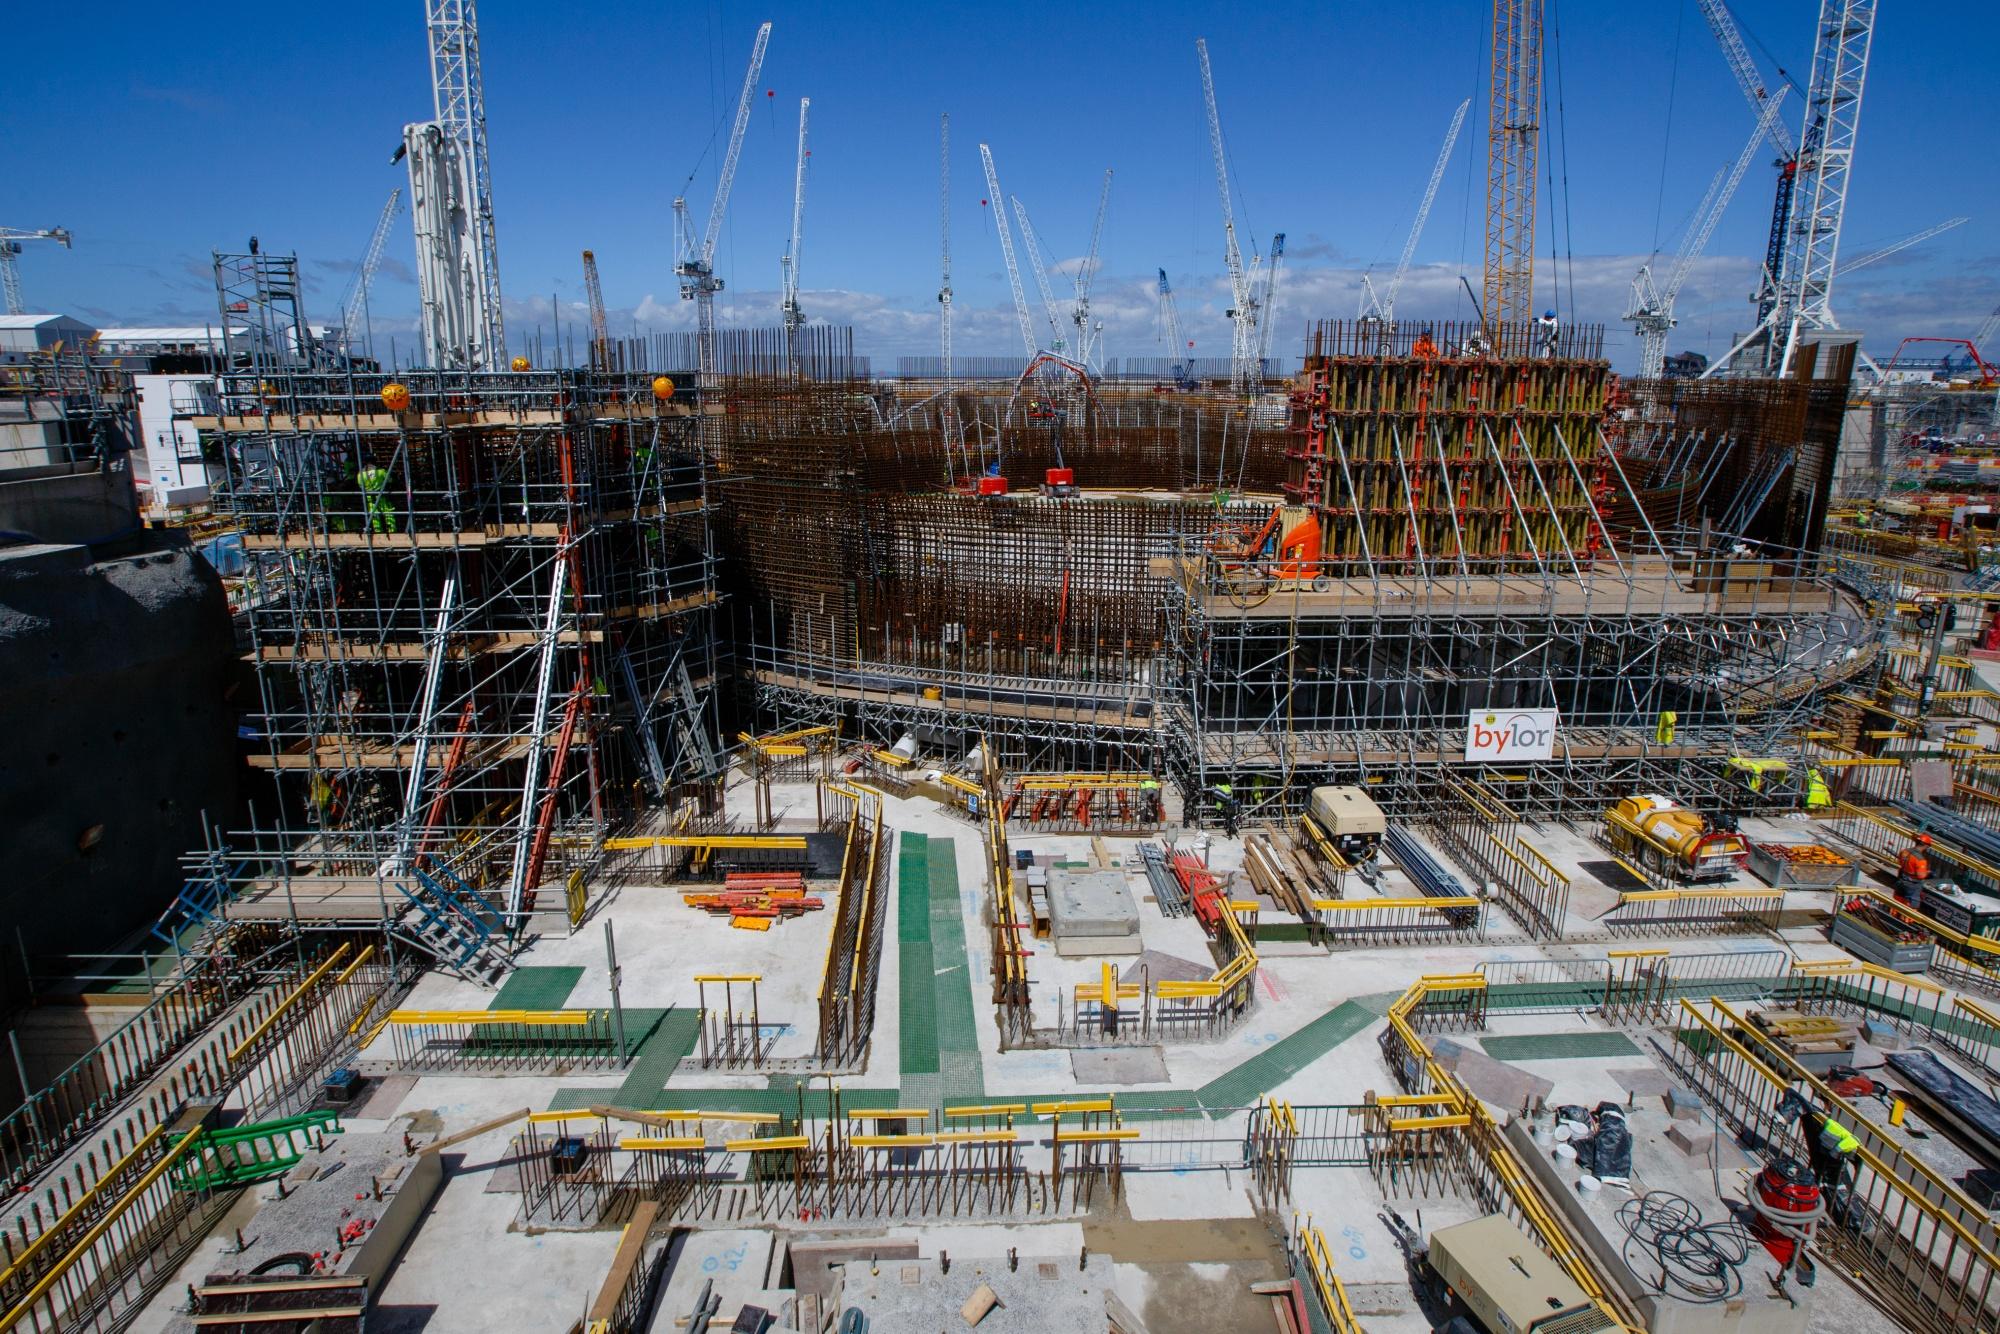 Dźwigi otaczają jednostkę reaktora nr 2 na projekcie budowy Hinkley Point C w pobliżu Bridgwater w Wielkiej Brytanii w dniu 28 lipca.